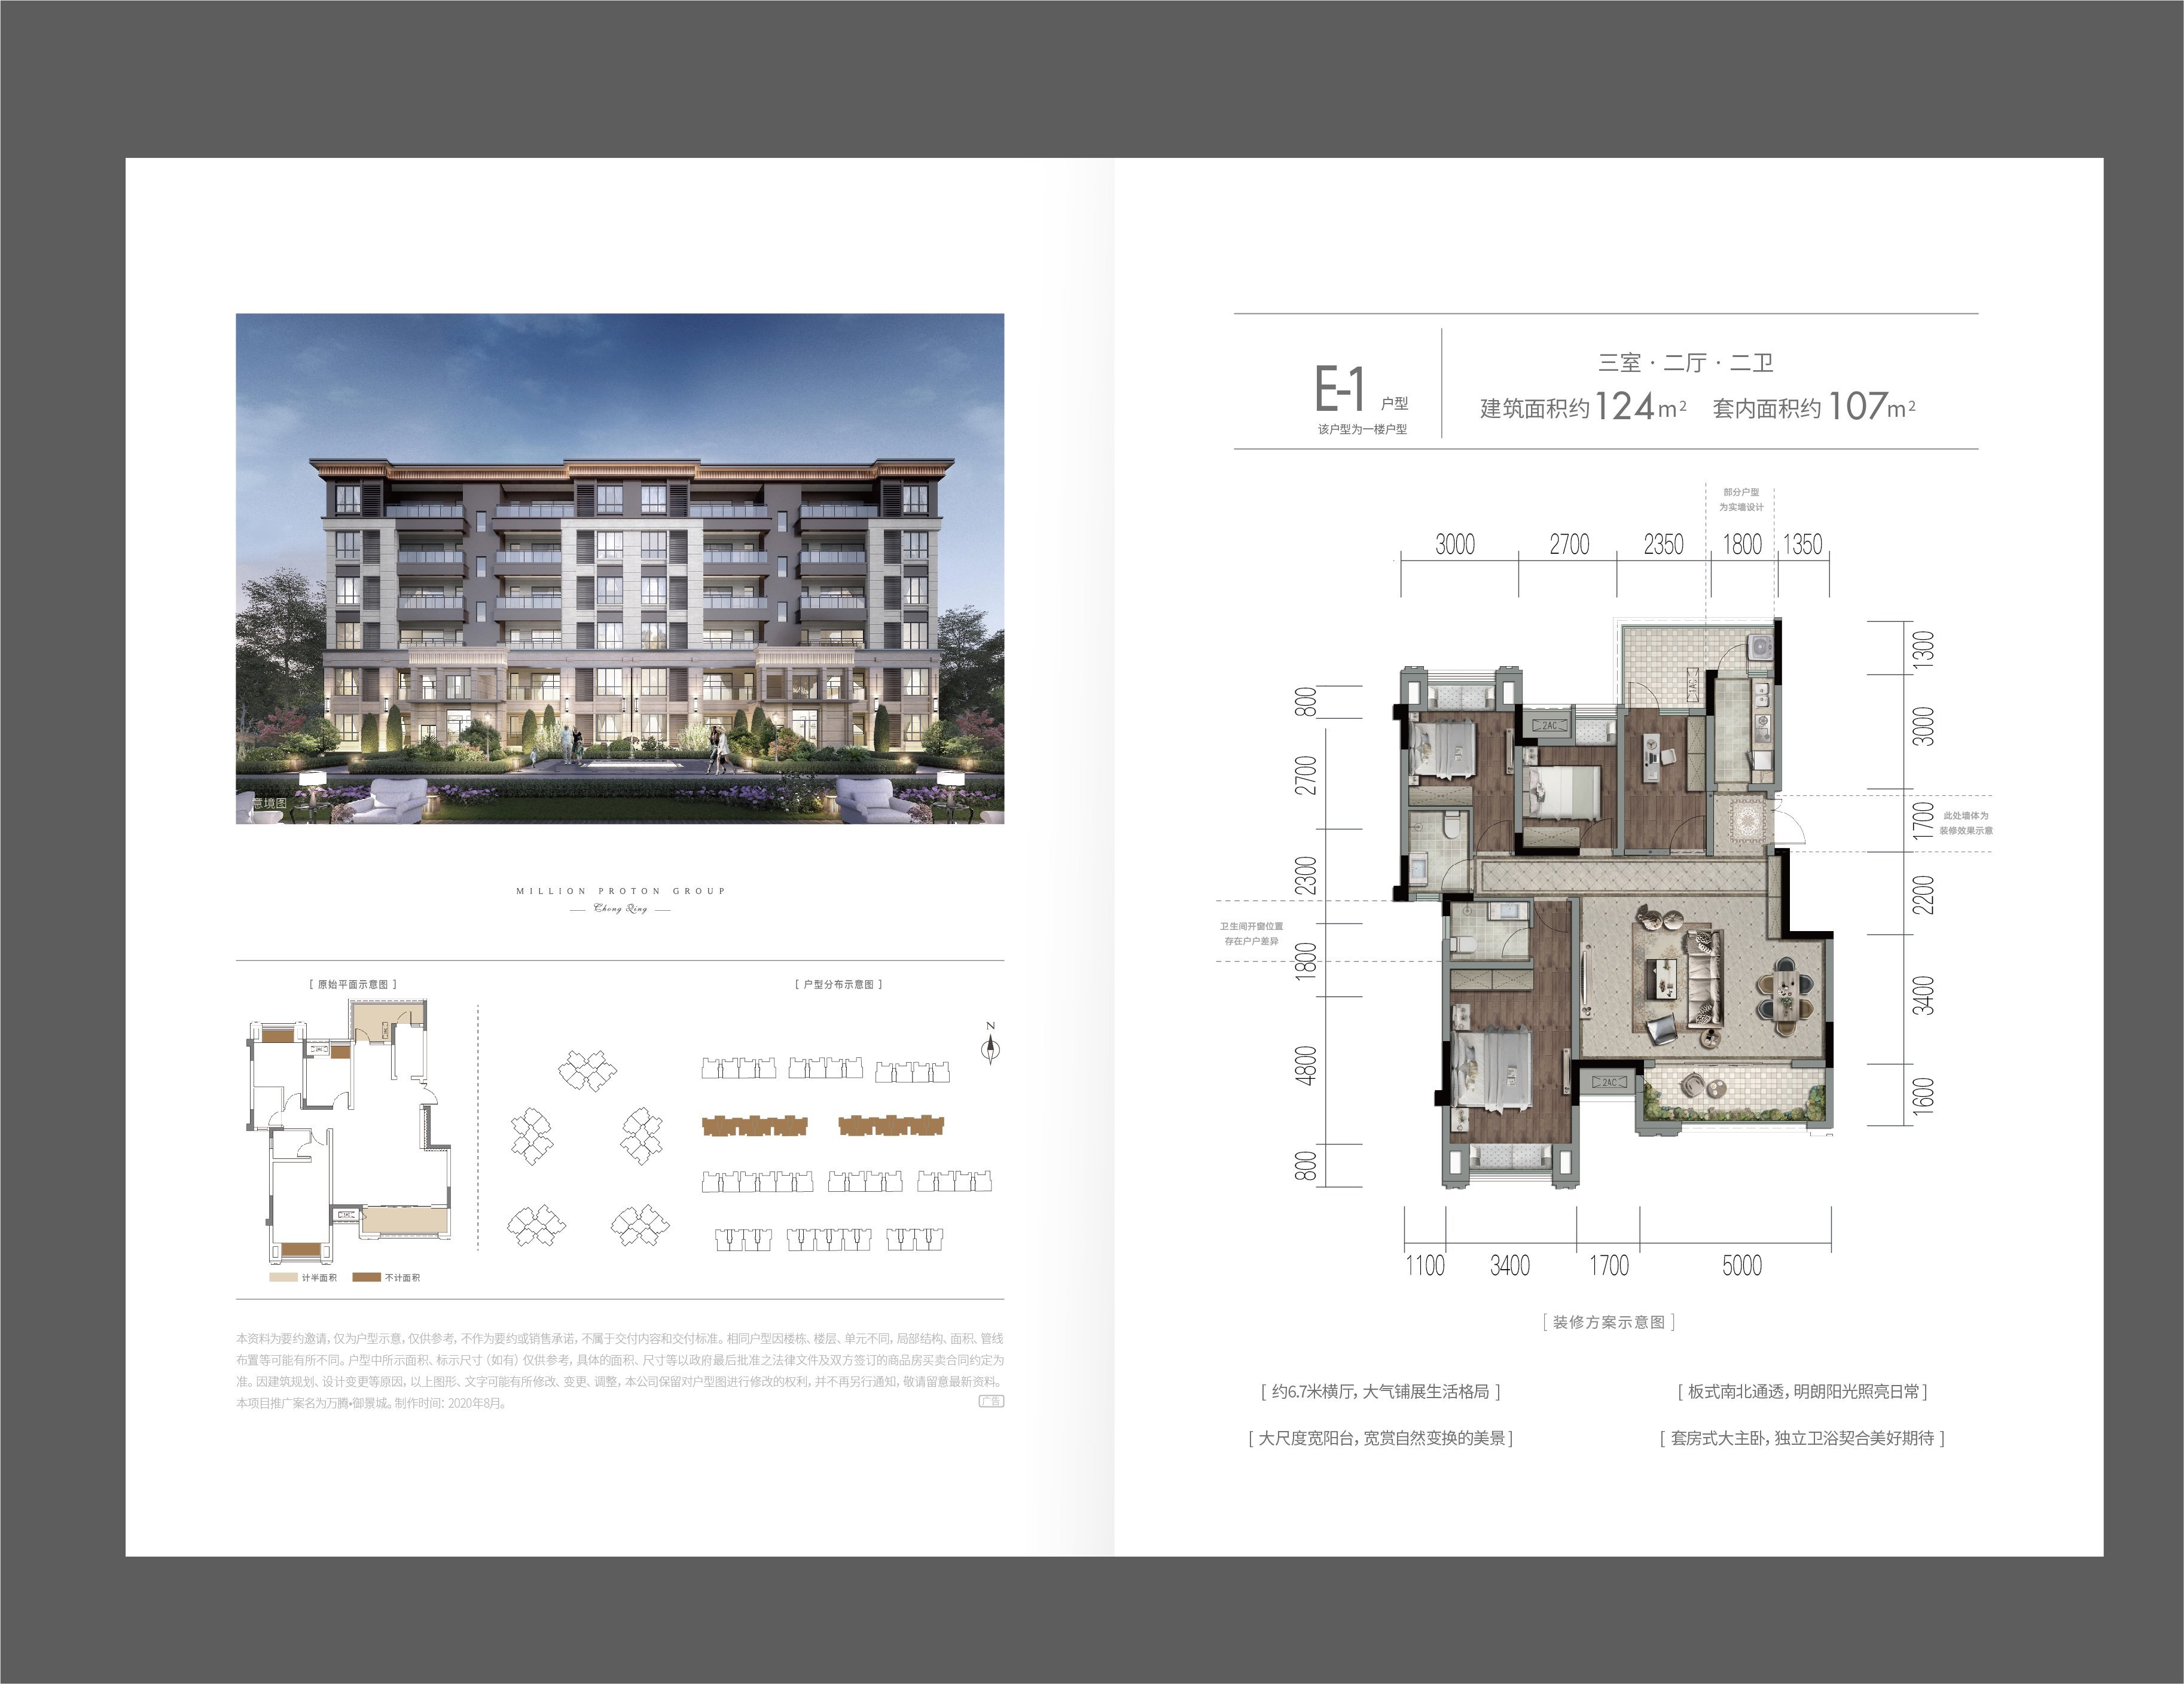 九龙坡区高新区万腾御景城新房E6户型图